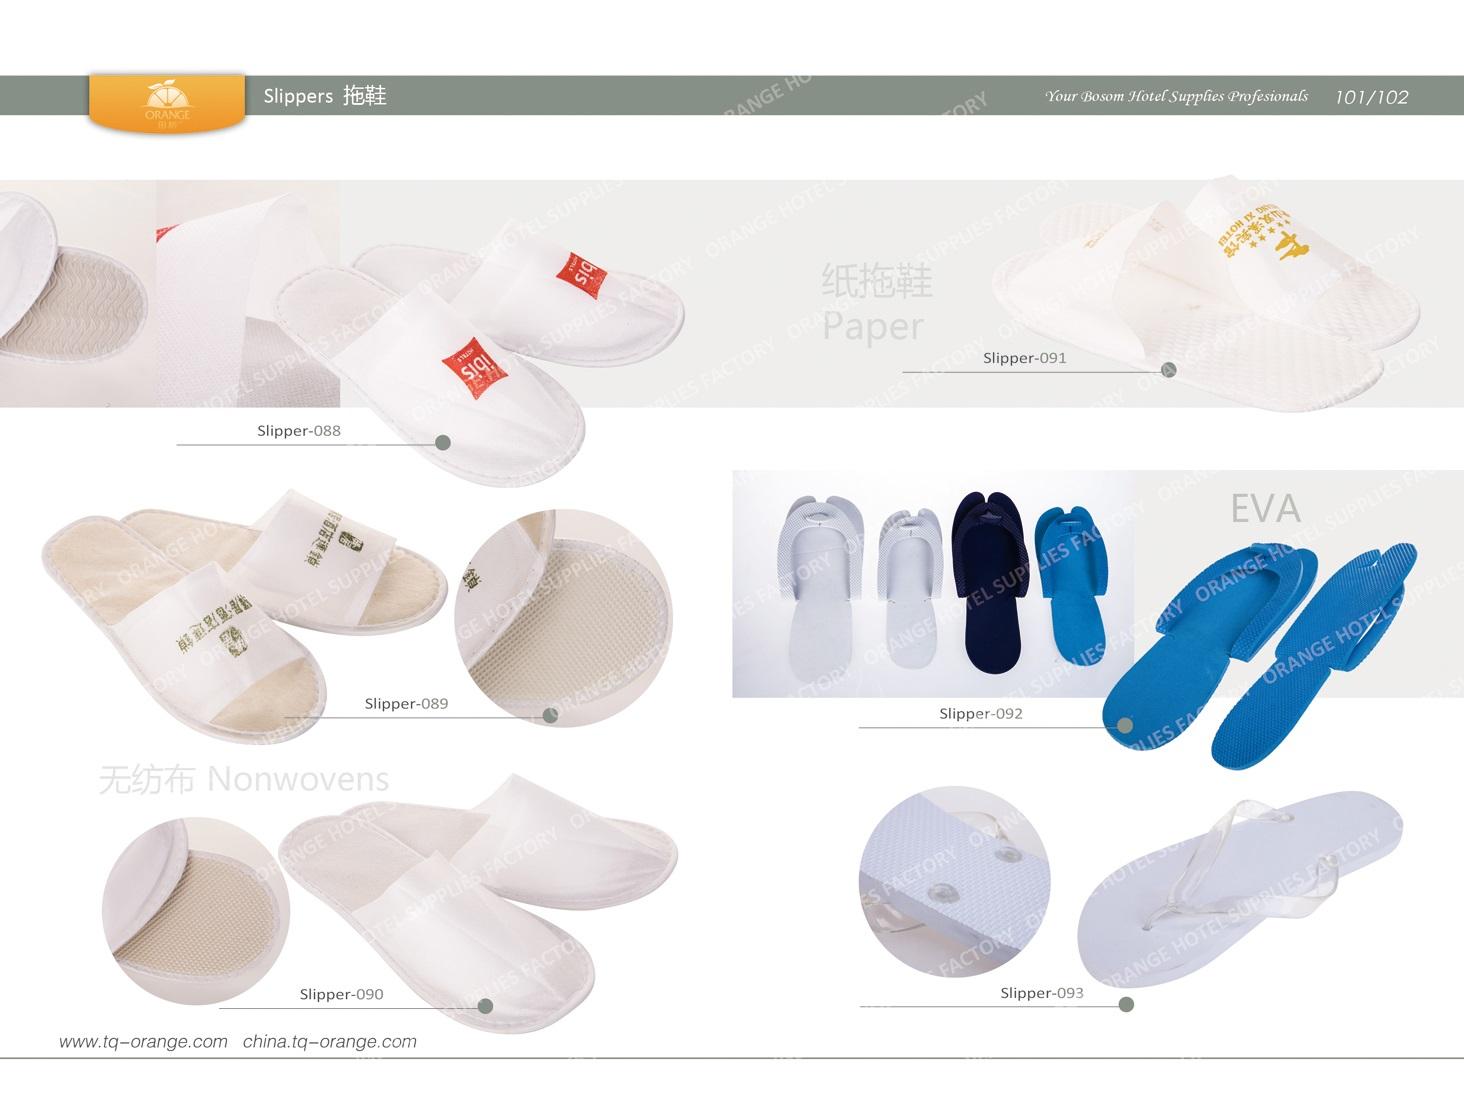 Hotel Nonwovens slippers, paper slippers, EVA slippers